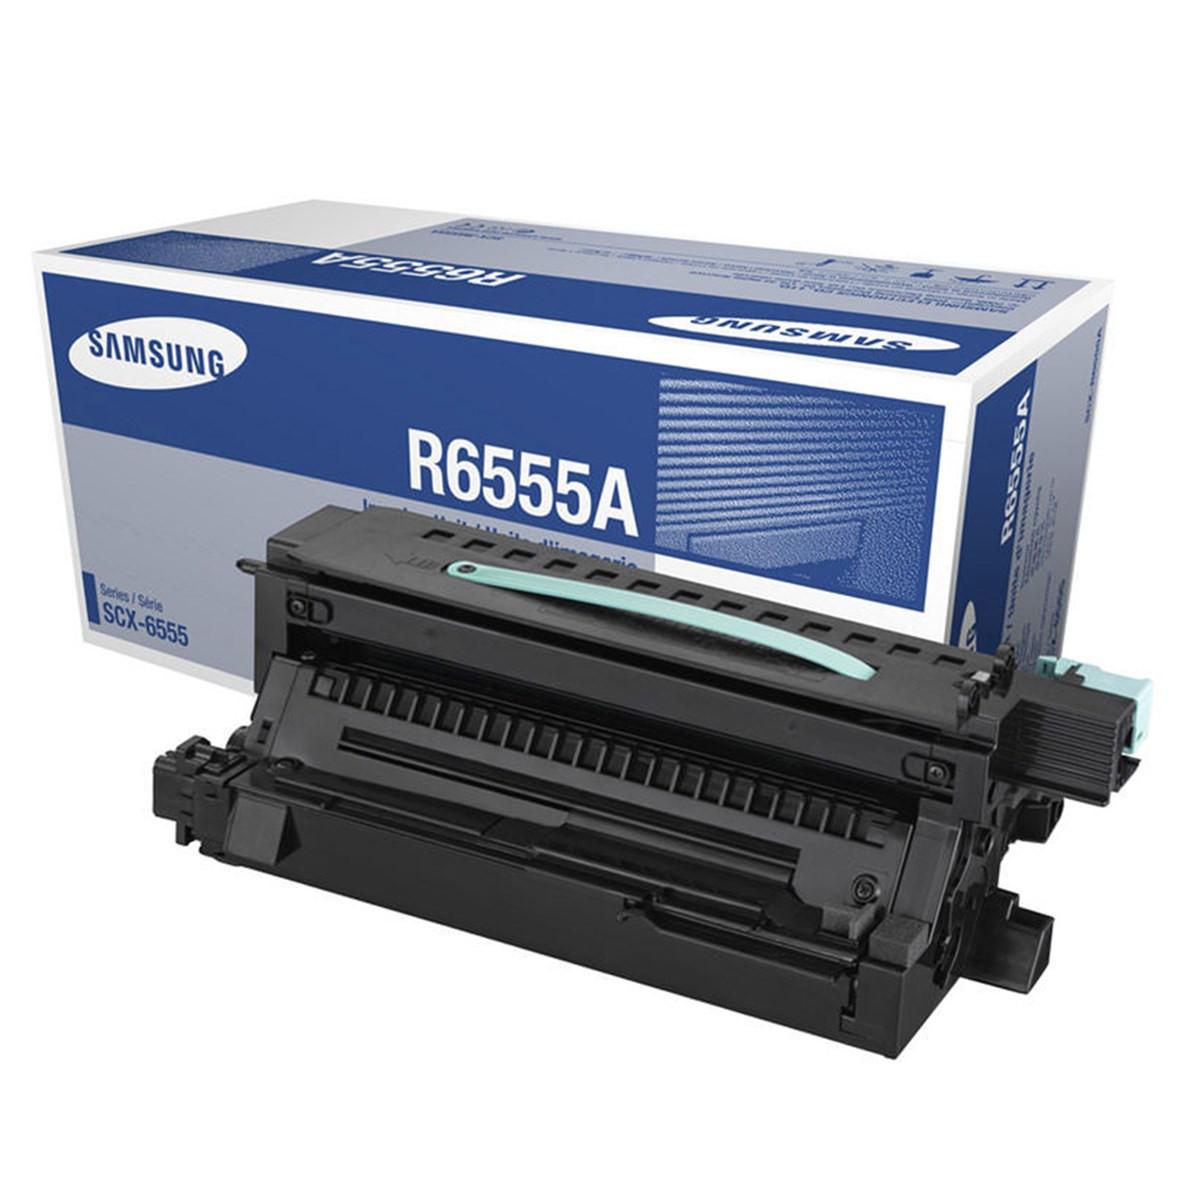 Cartucho de Cilindro Samsung SCX-R6555A   SCX-D6555A SCX-6555N SCX-6555NX SCX-6545N   Original 80k